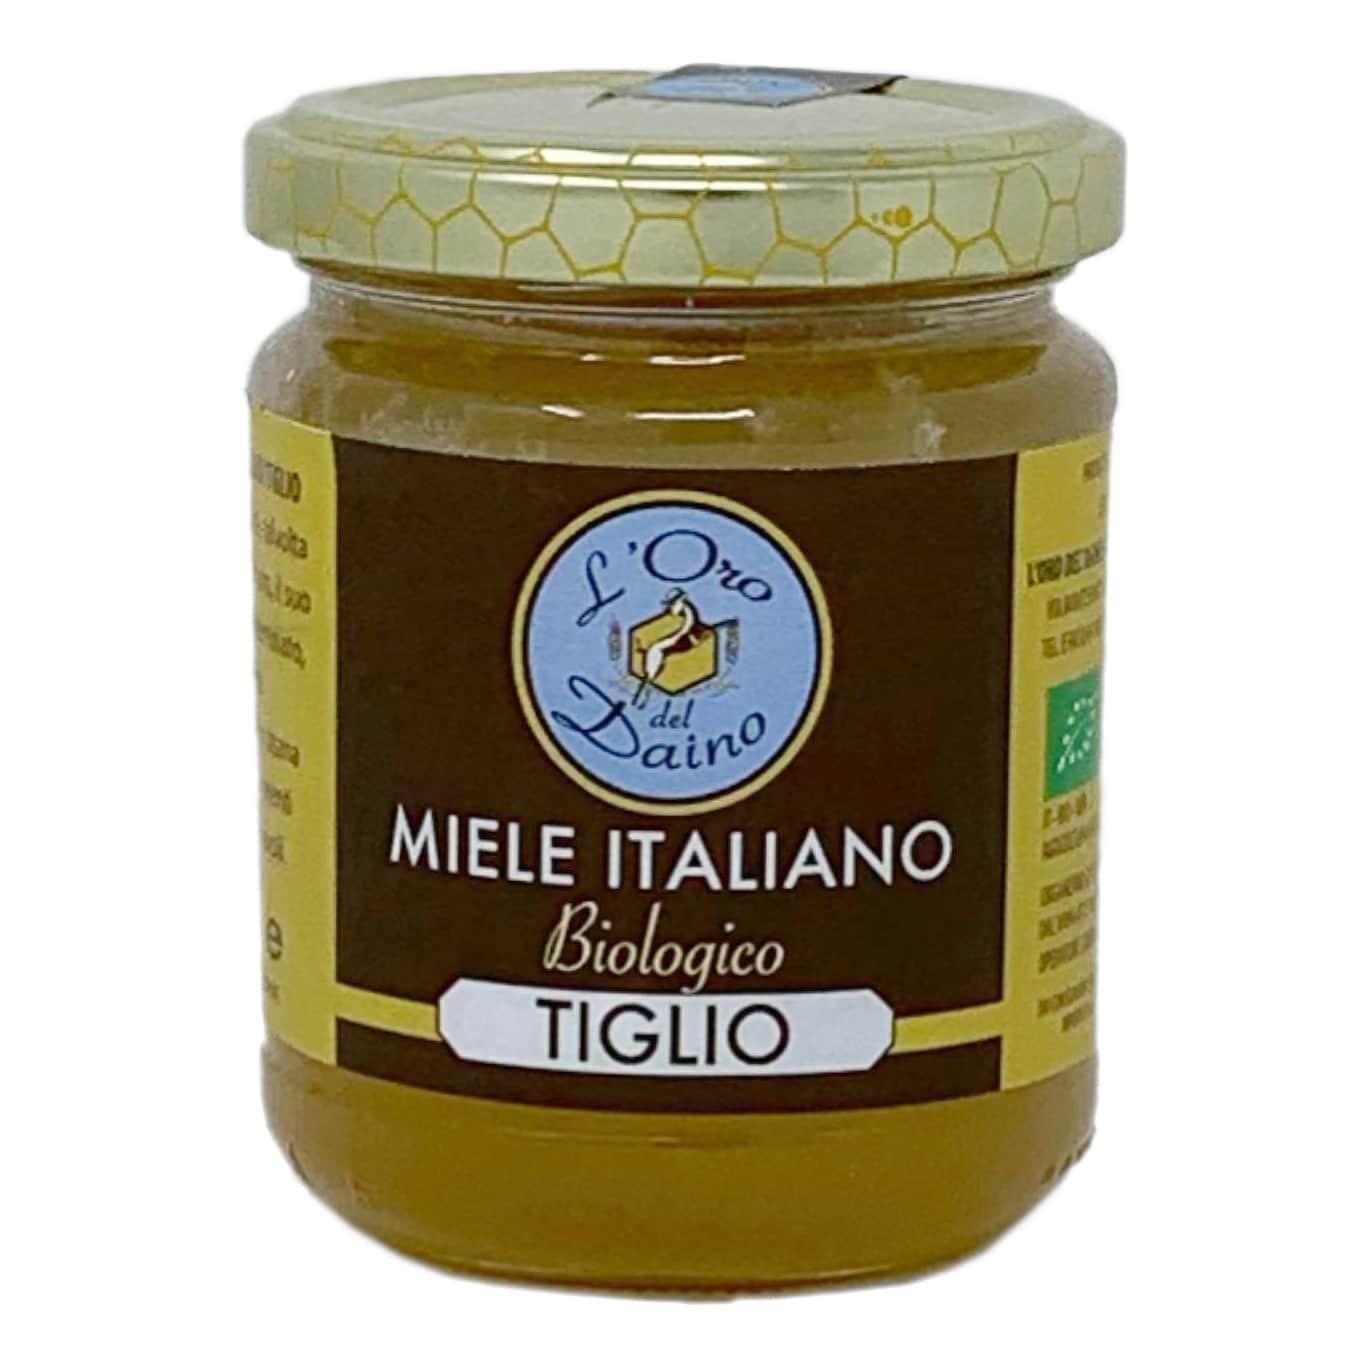 MIELE DI TIGLIO BIO 250GR L'Oro Del Daino